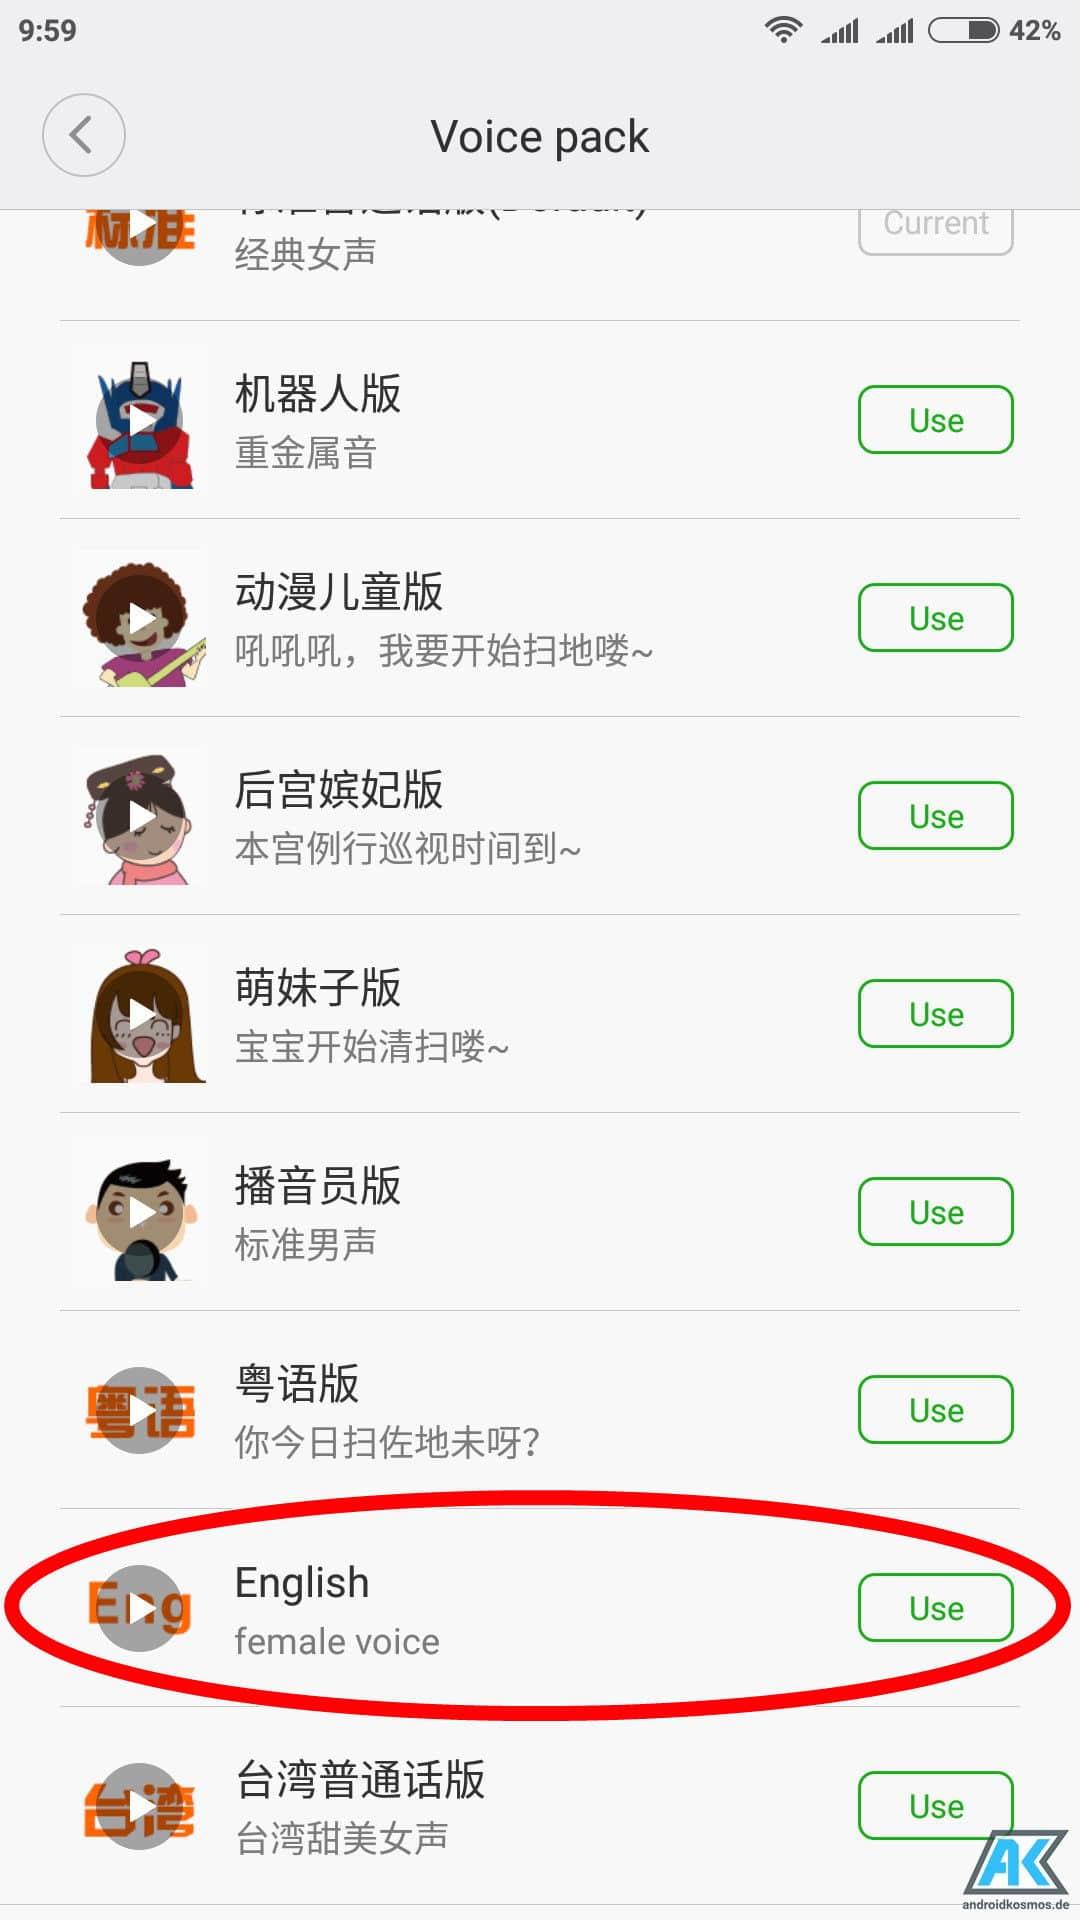 Anleitung: Xiaomi Mi Robot Vacuum Sprache auf Englisch umstellen 11